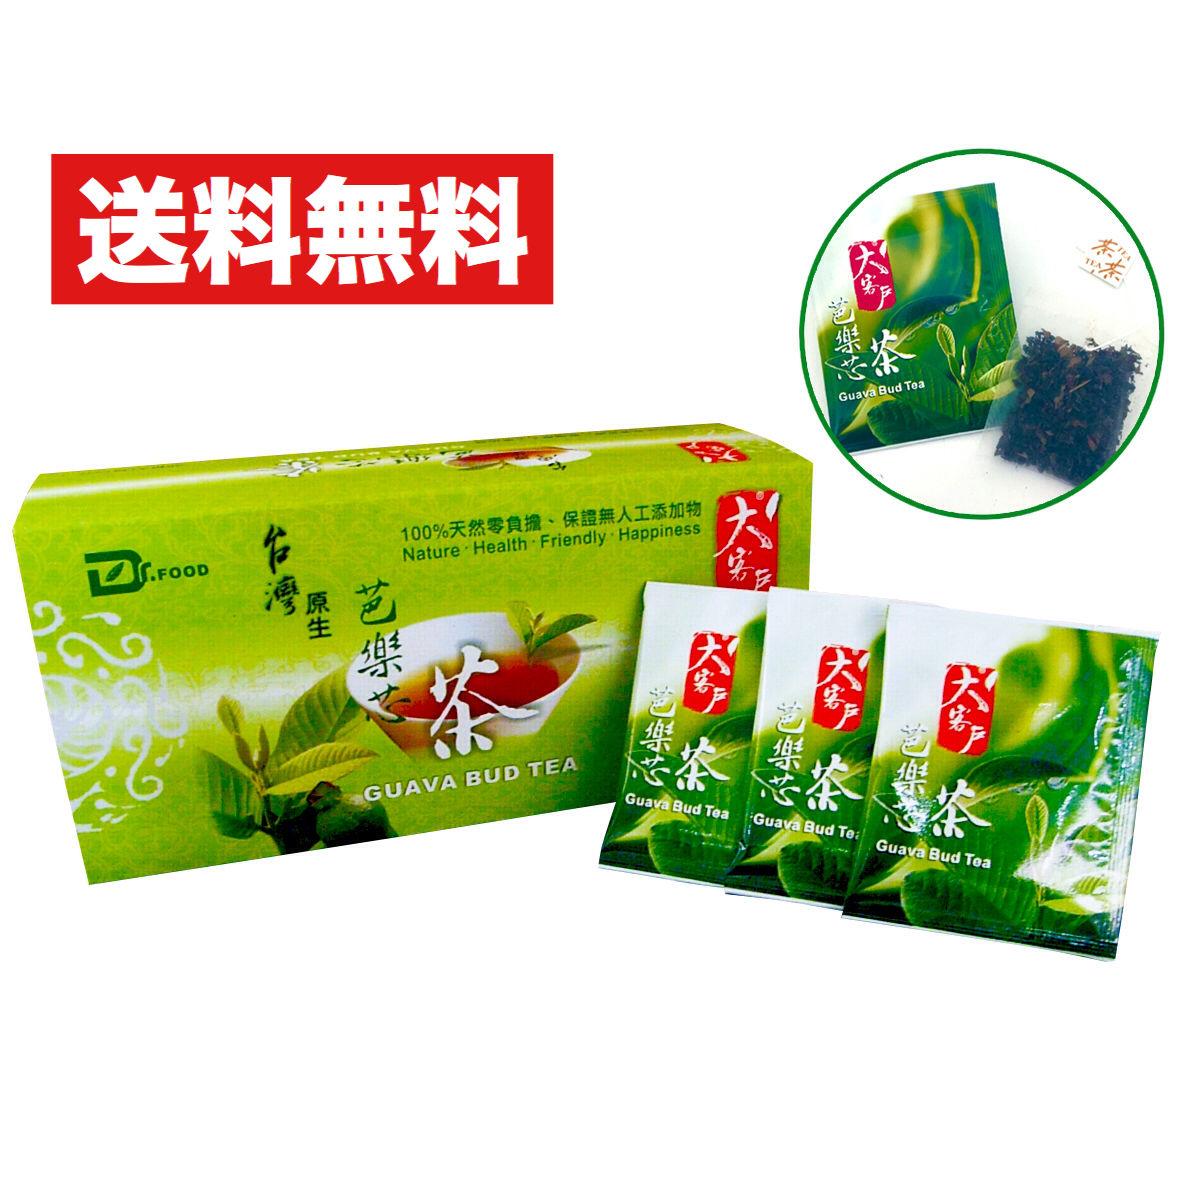 1ヵ月BOX 30(30袋・個包装)【定期購入 送料無料】